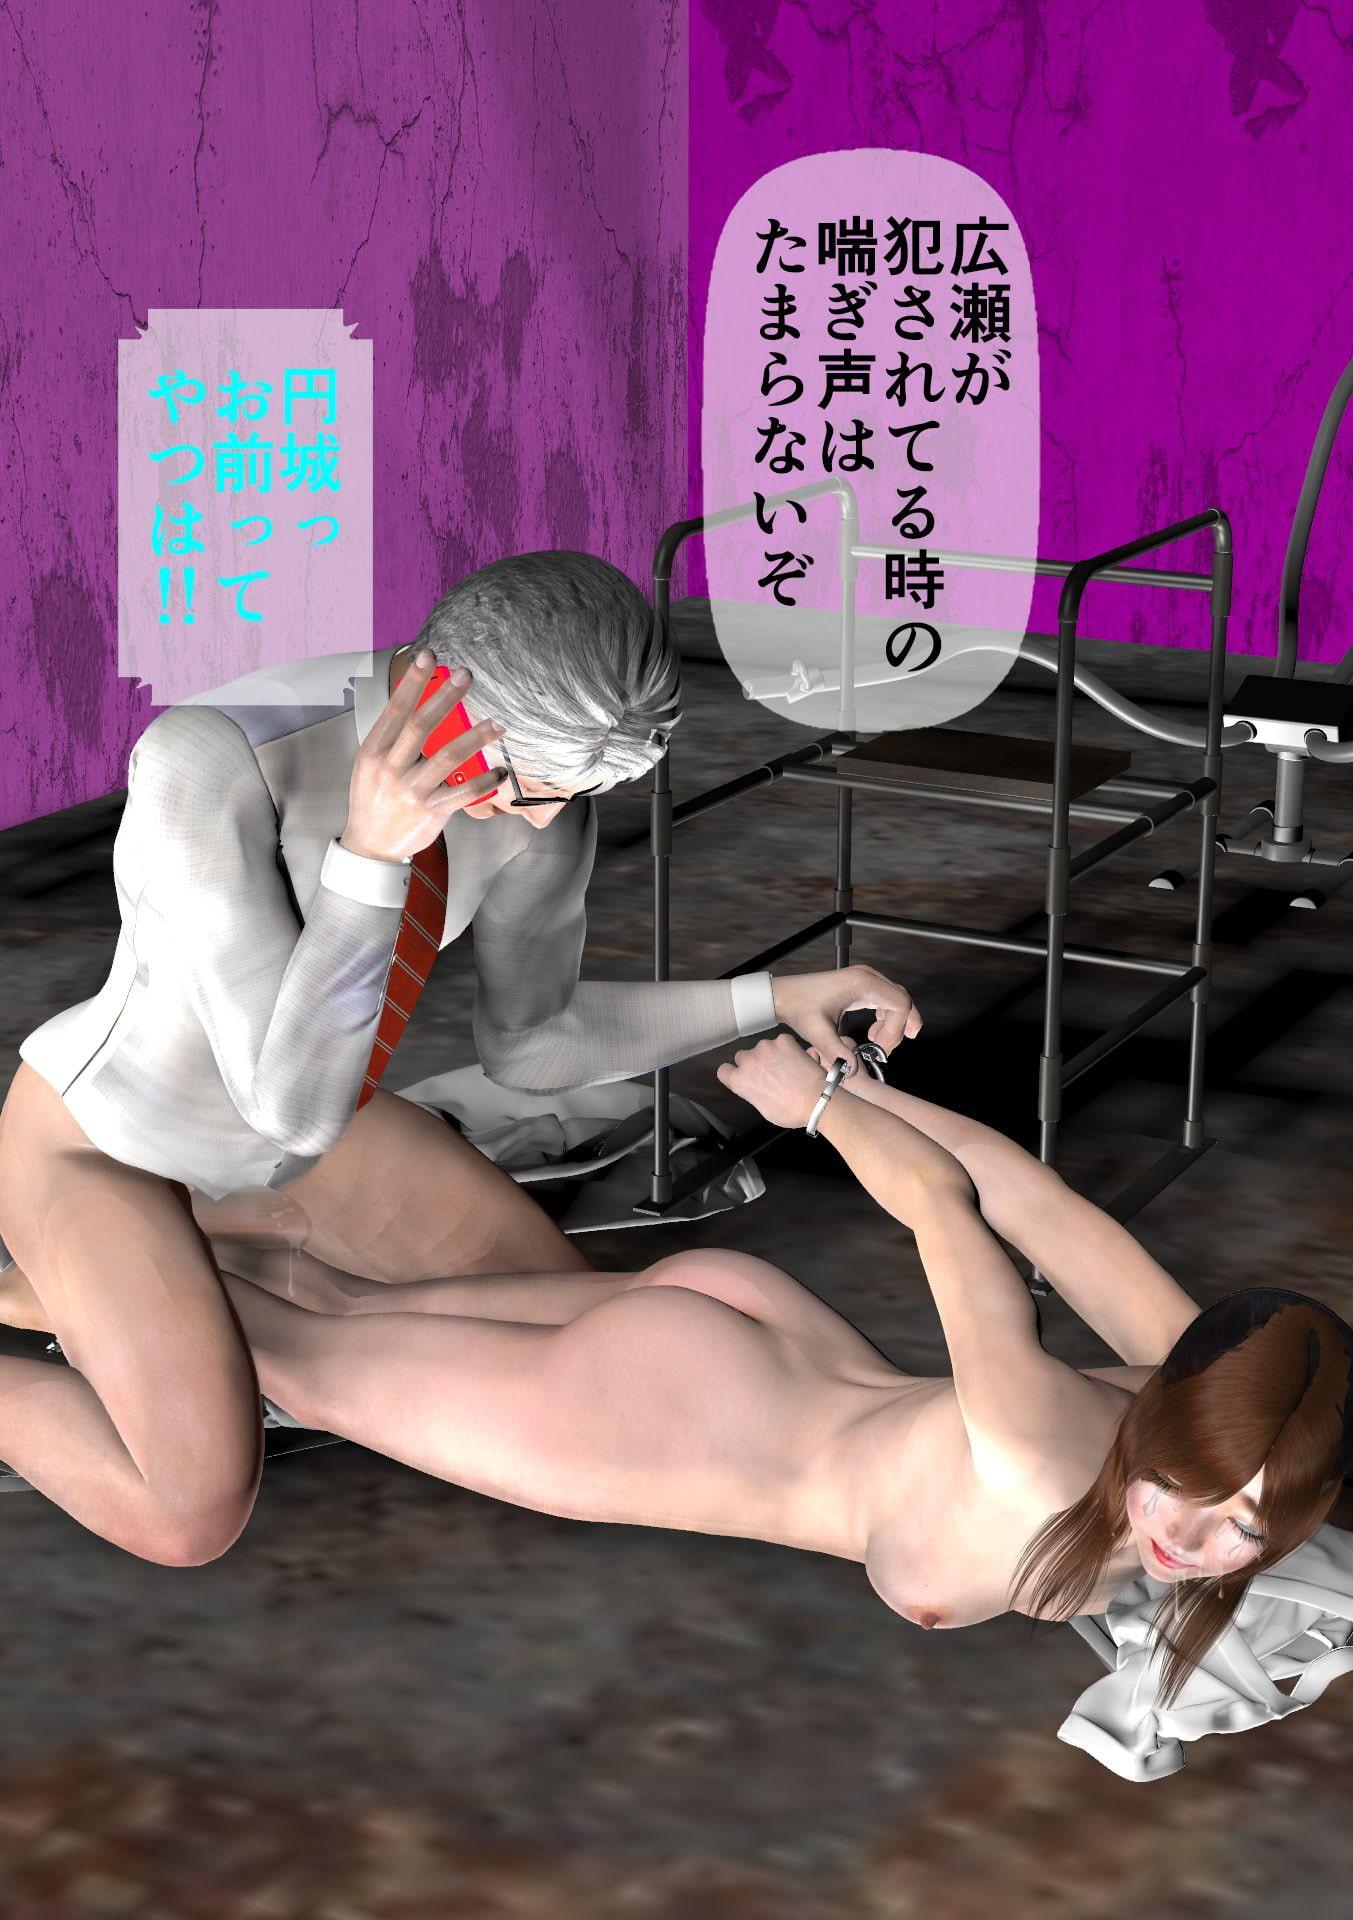 女教師 肉奴隷華奈 第6話 華奈と麻衣の肉調教